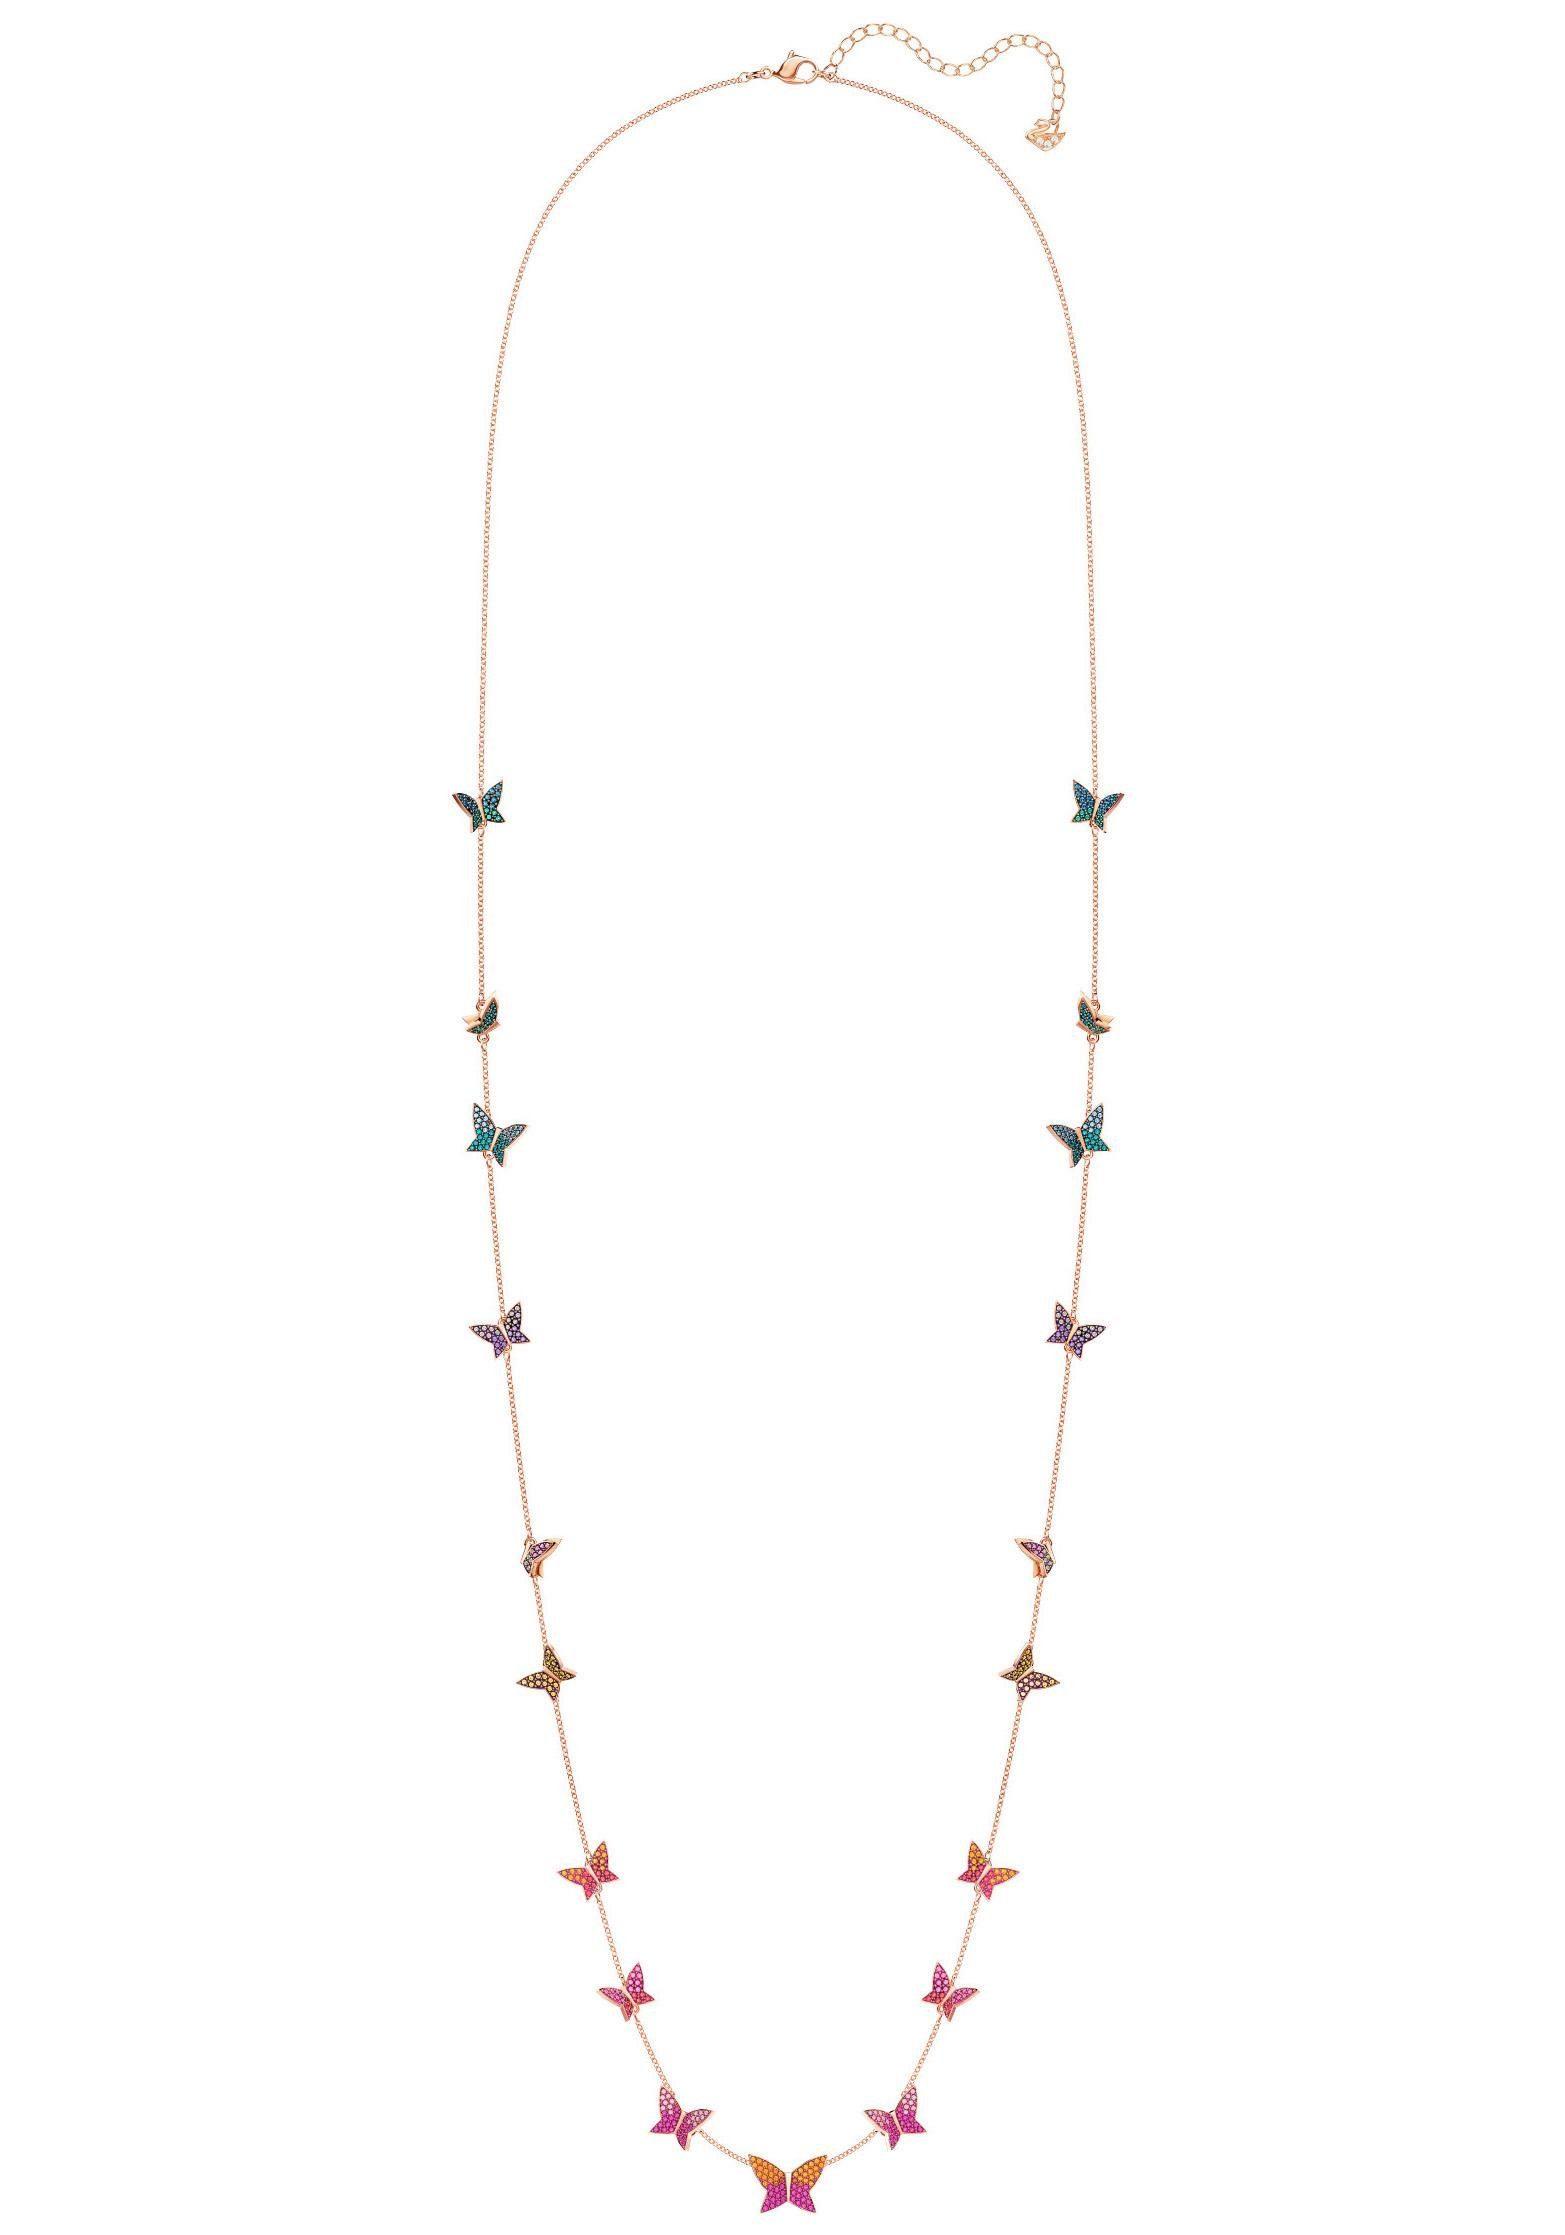 Swarovski Kette mit Anhänger »Schmetterlinge, Lilia Matinée-Kette, mehrfarbig, rosé Vergoldung, 5374335«, mit Swarovski® Kristallen